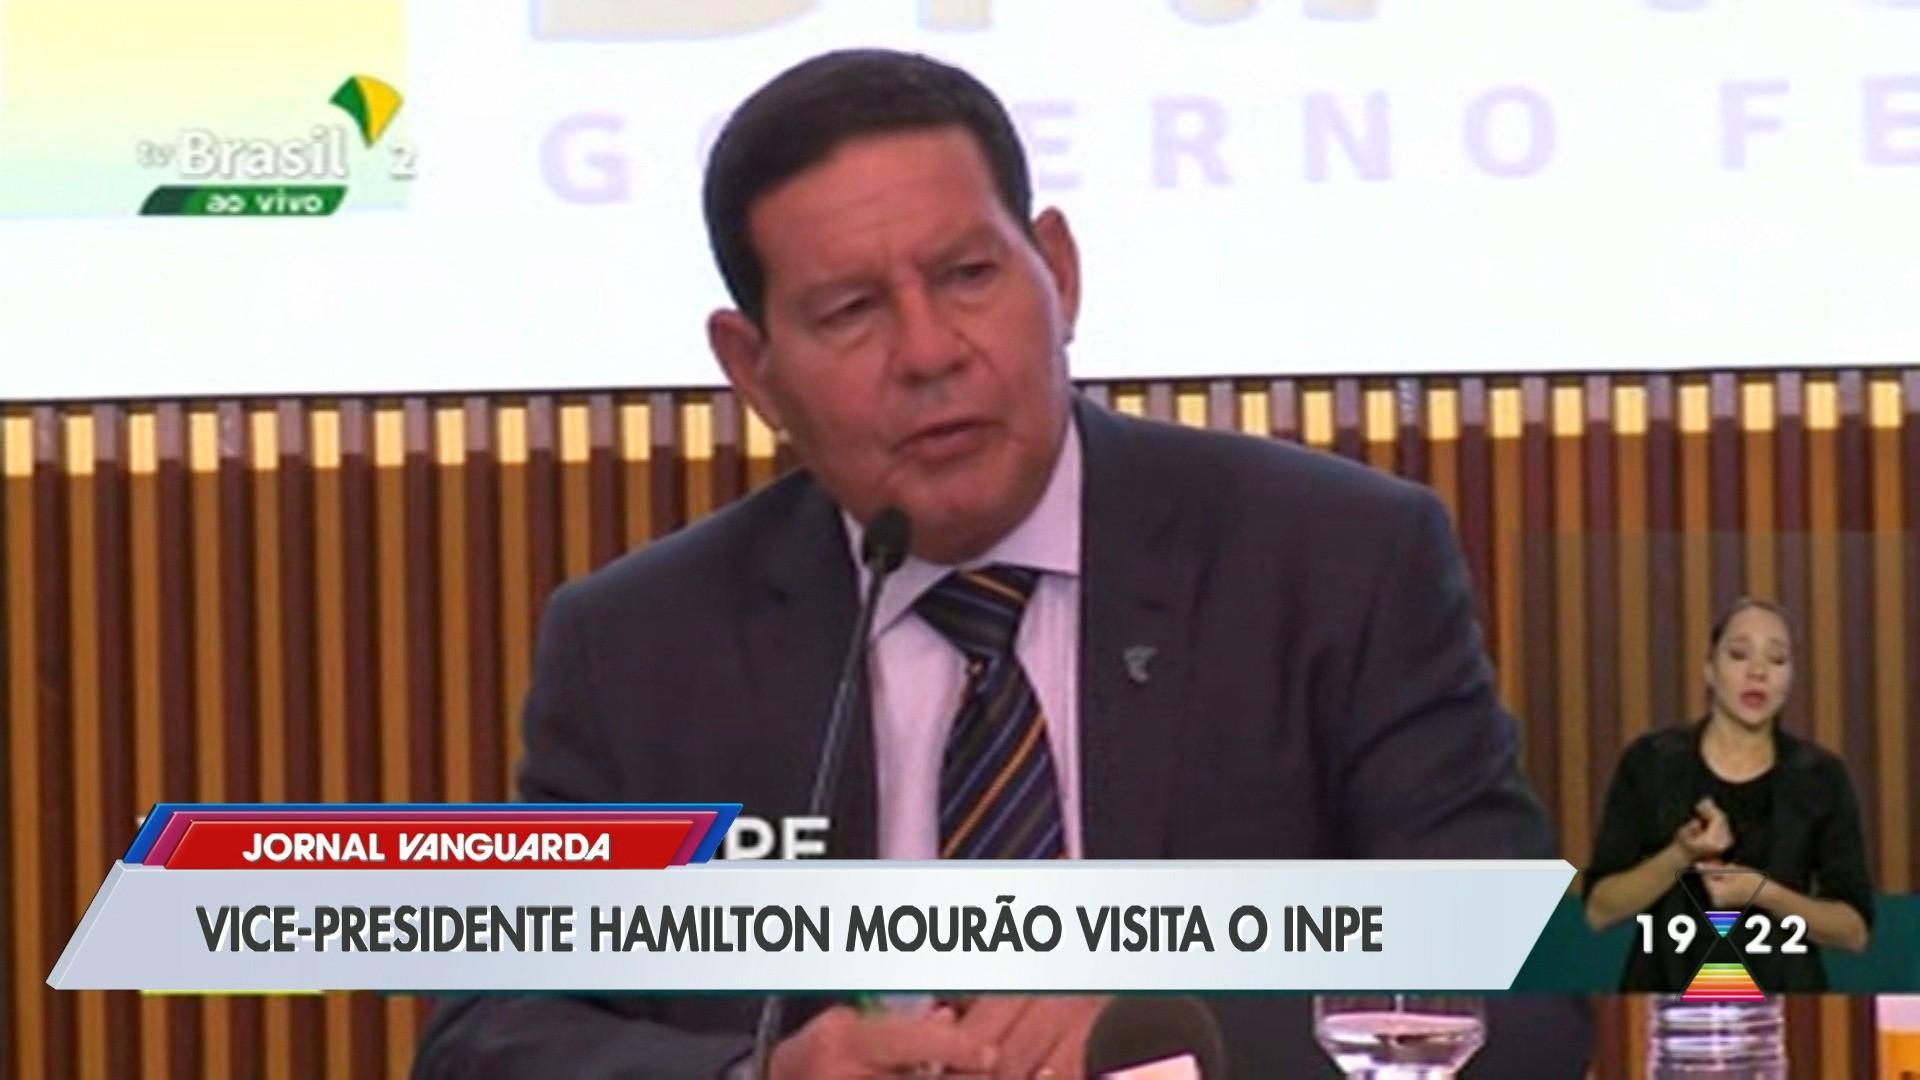 VÍDEOS: Jornal Vanguarda de segunda-feira, 30 de novembro